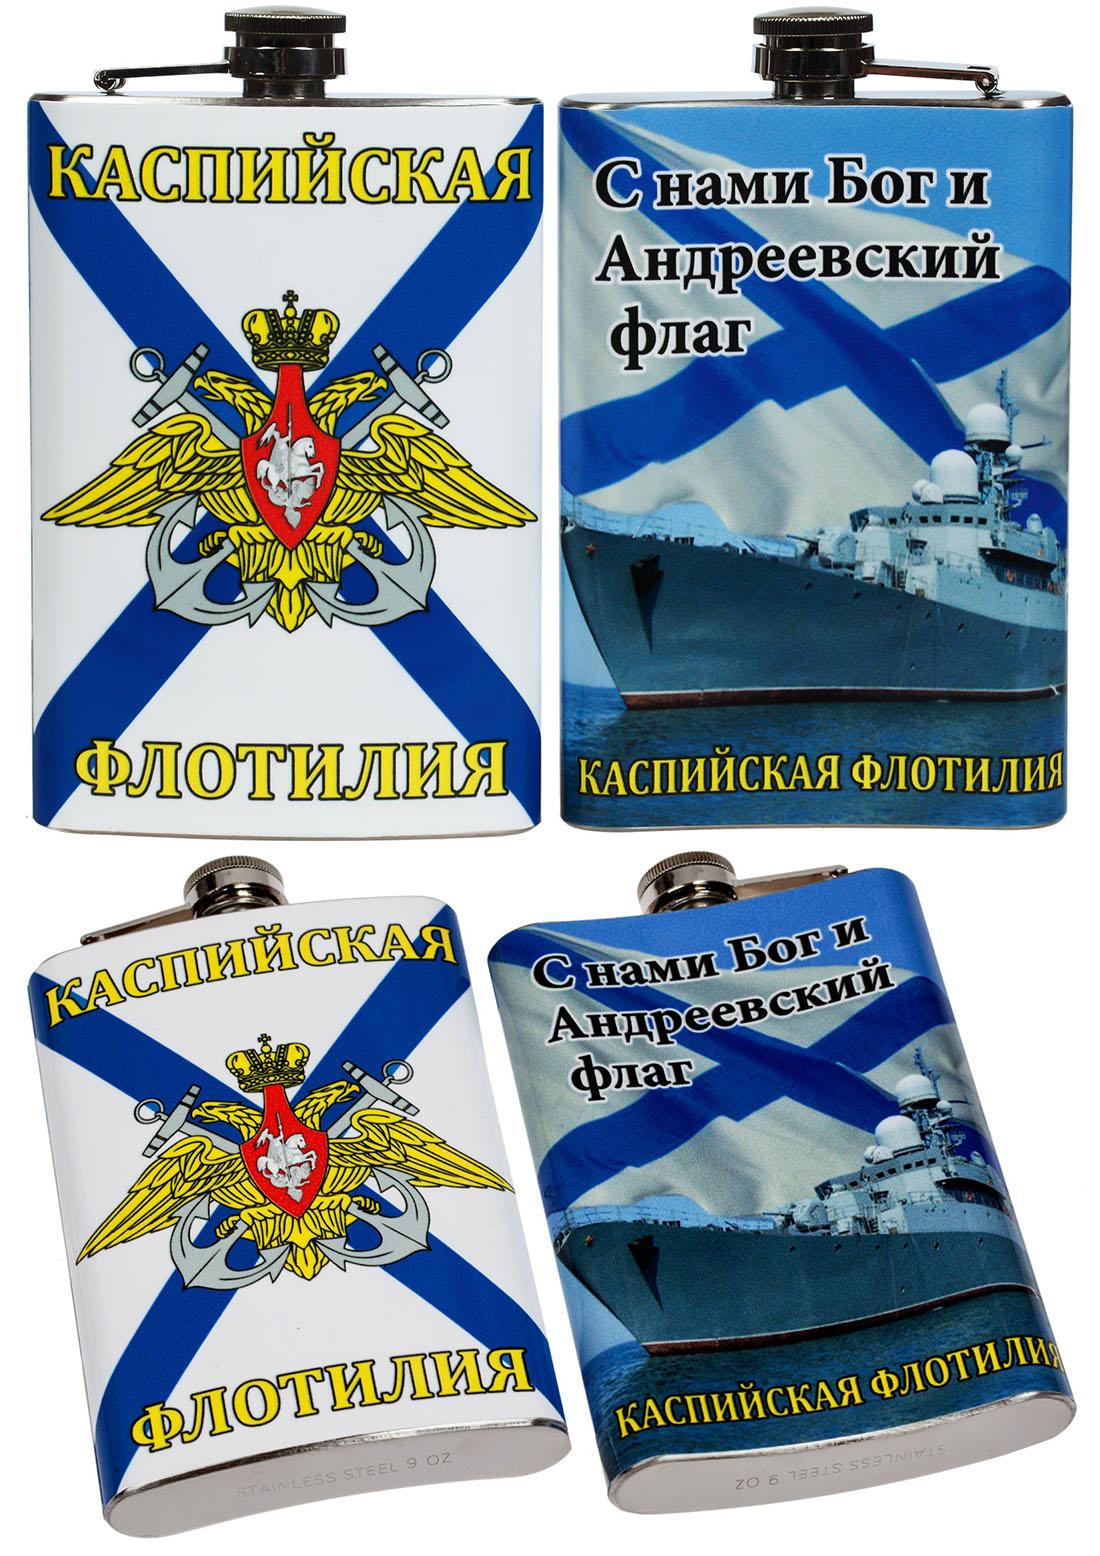 Фляжка «Каспийская флотилия» - заказать оптом